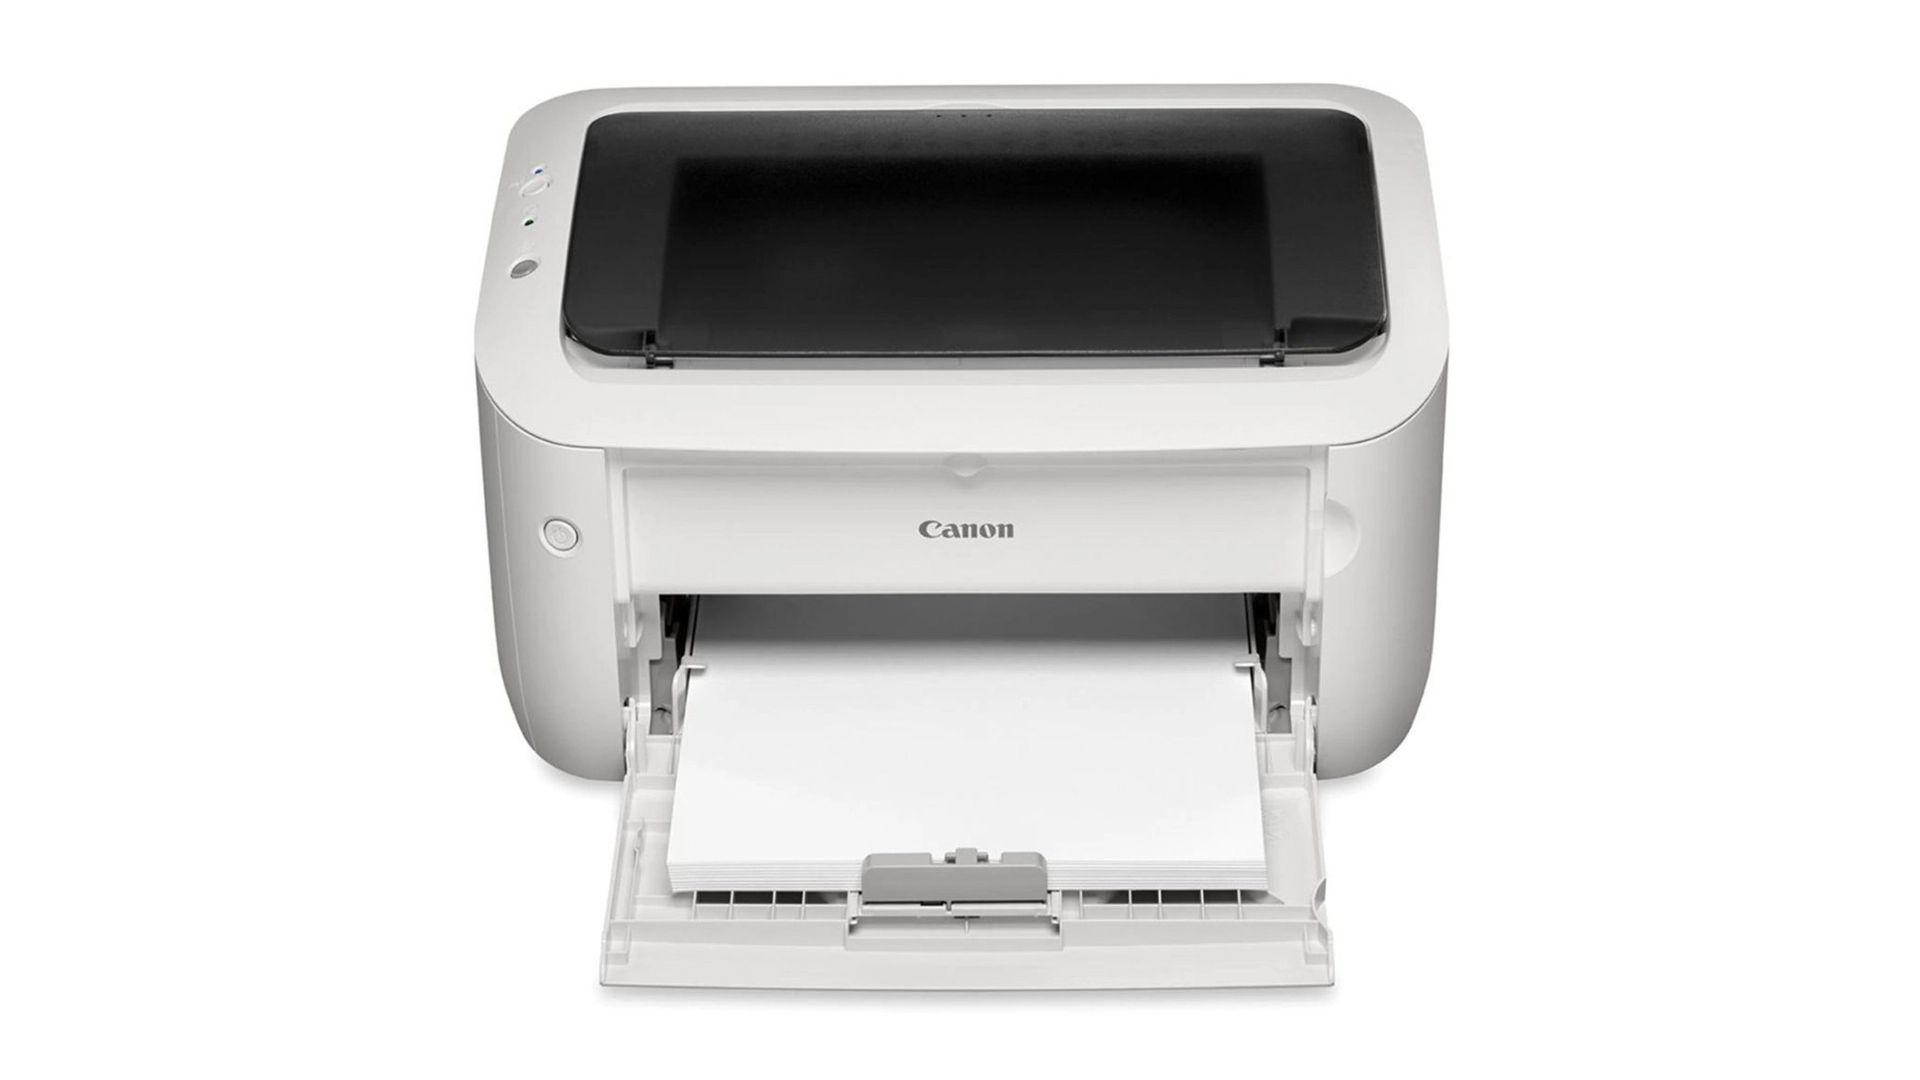 A melhor impressora Canon para uso doméstico (Fonte: Reprodução)